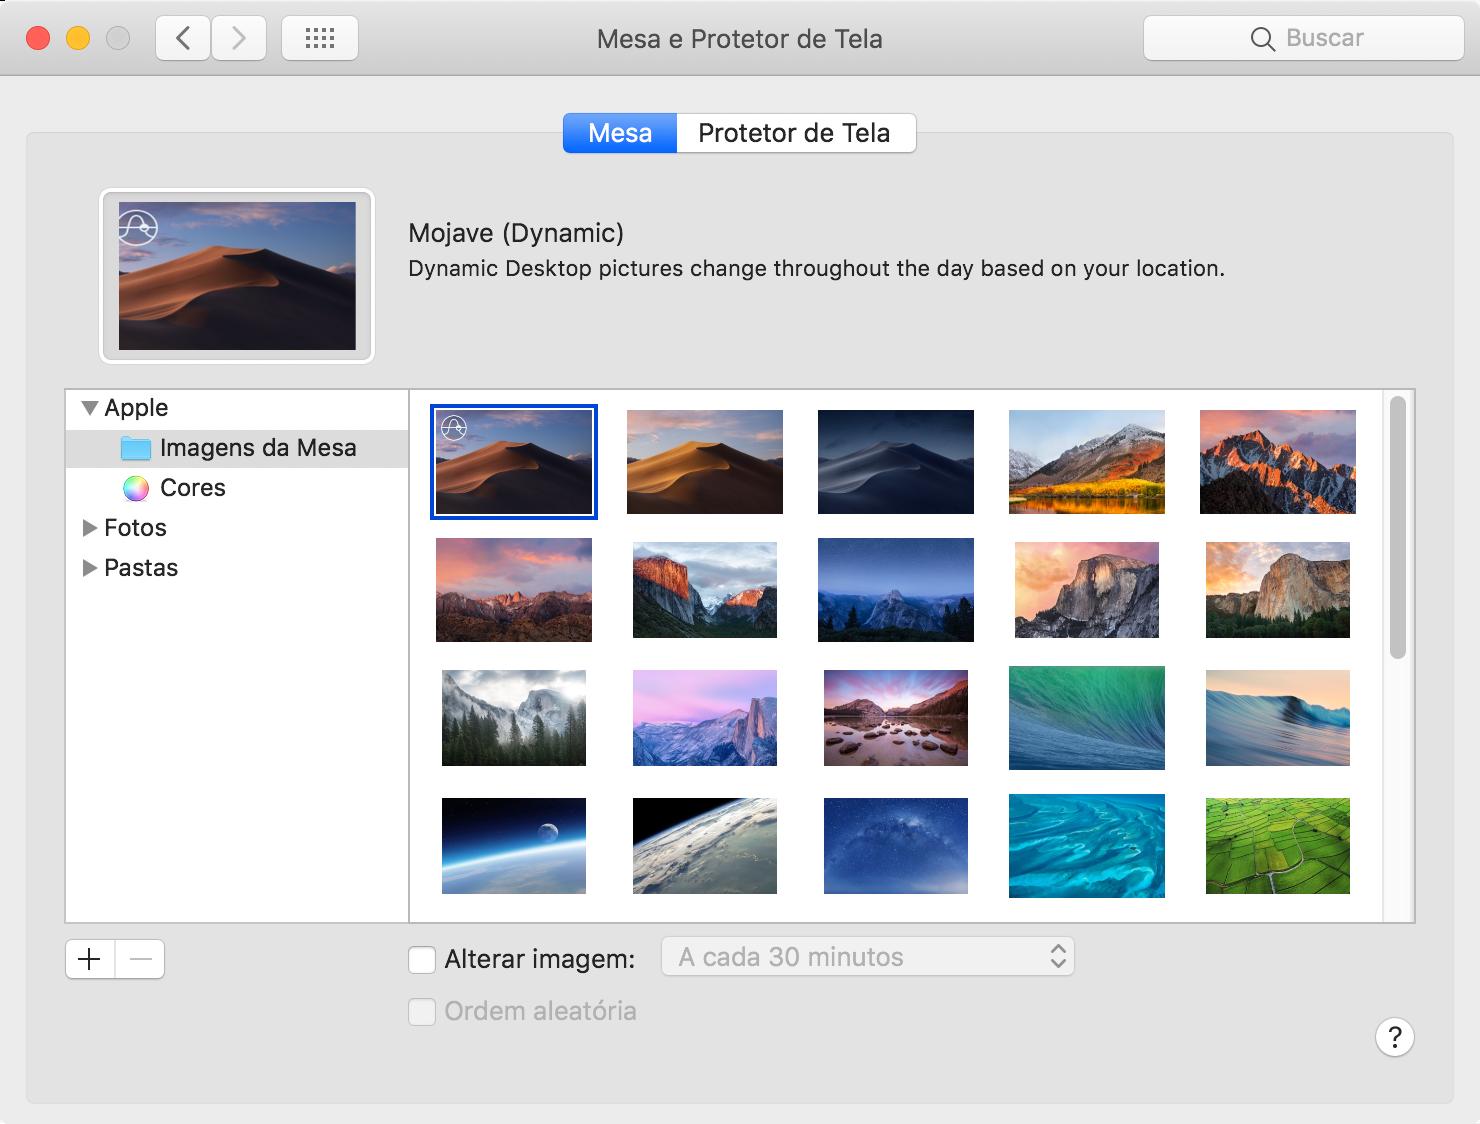 Dünaamilised taustapildid MacOS-is 10.14 Mojave